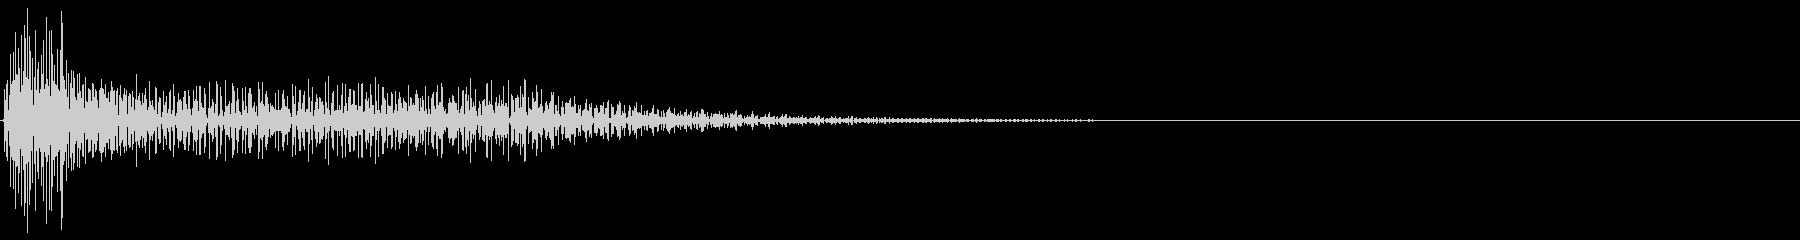 アプリ・タッチ・キャンセル音11の未再生の波形